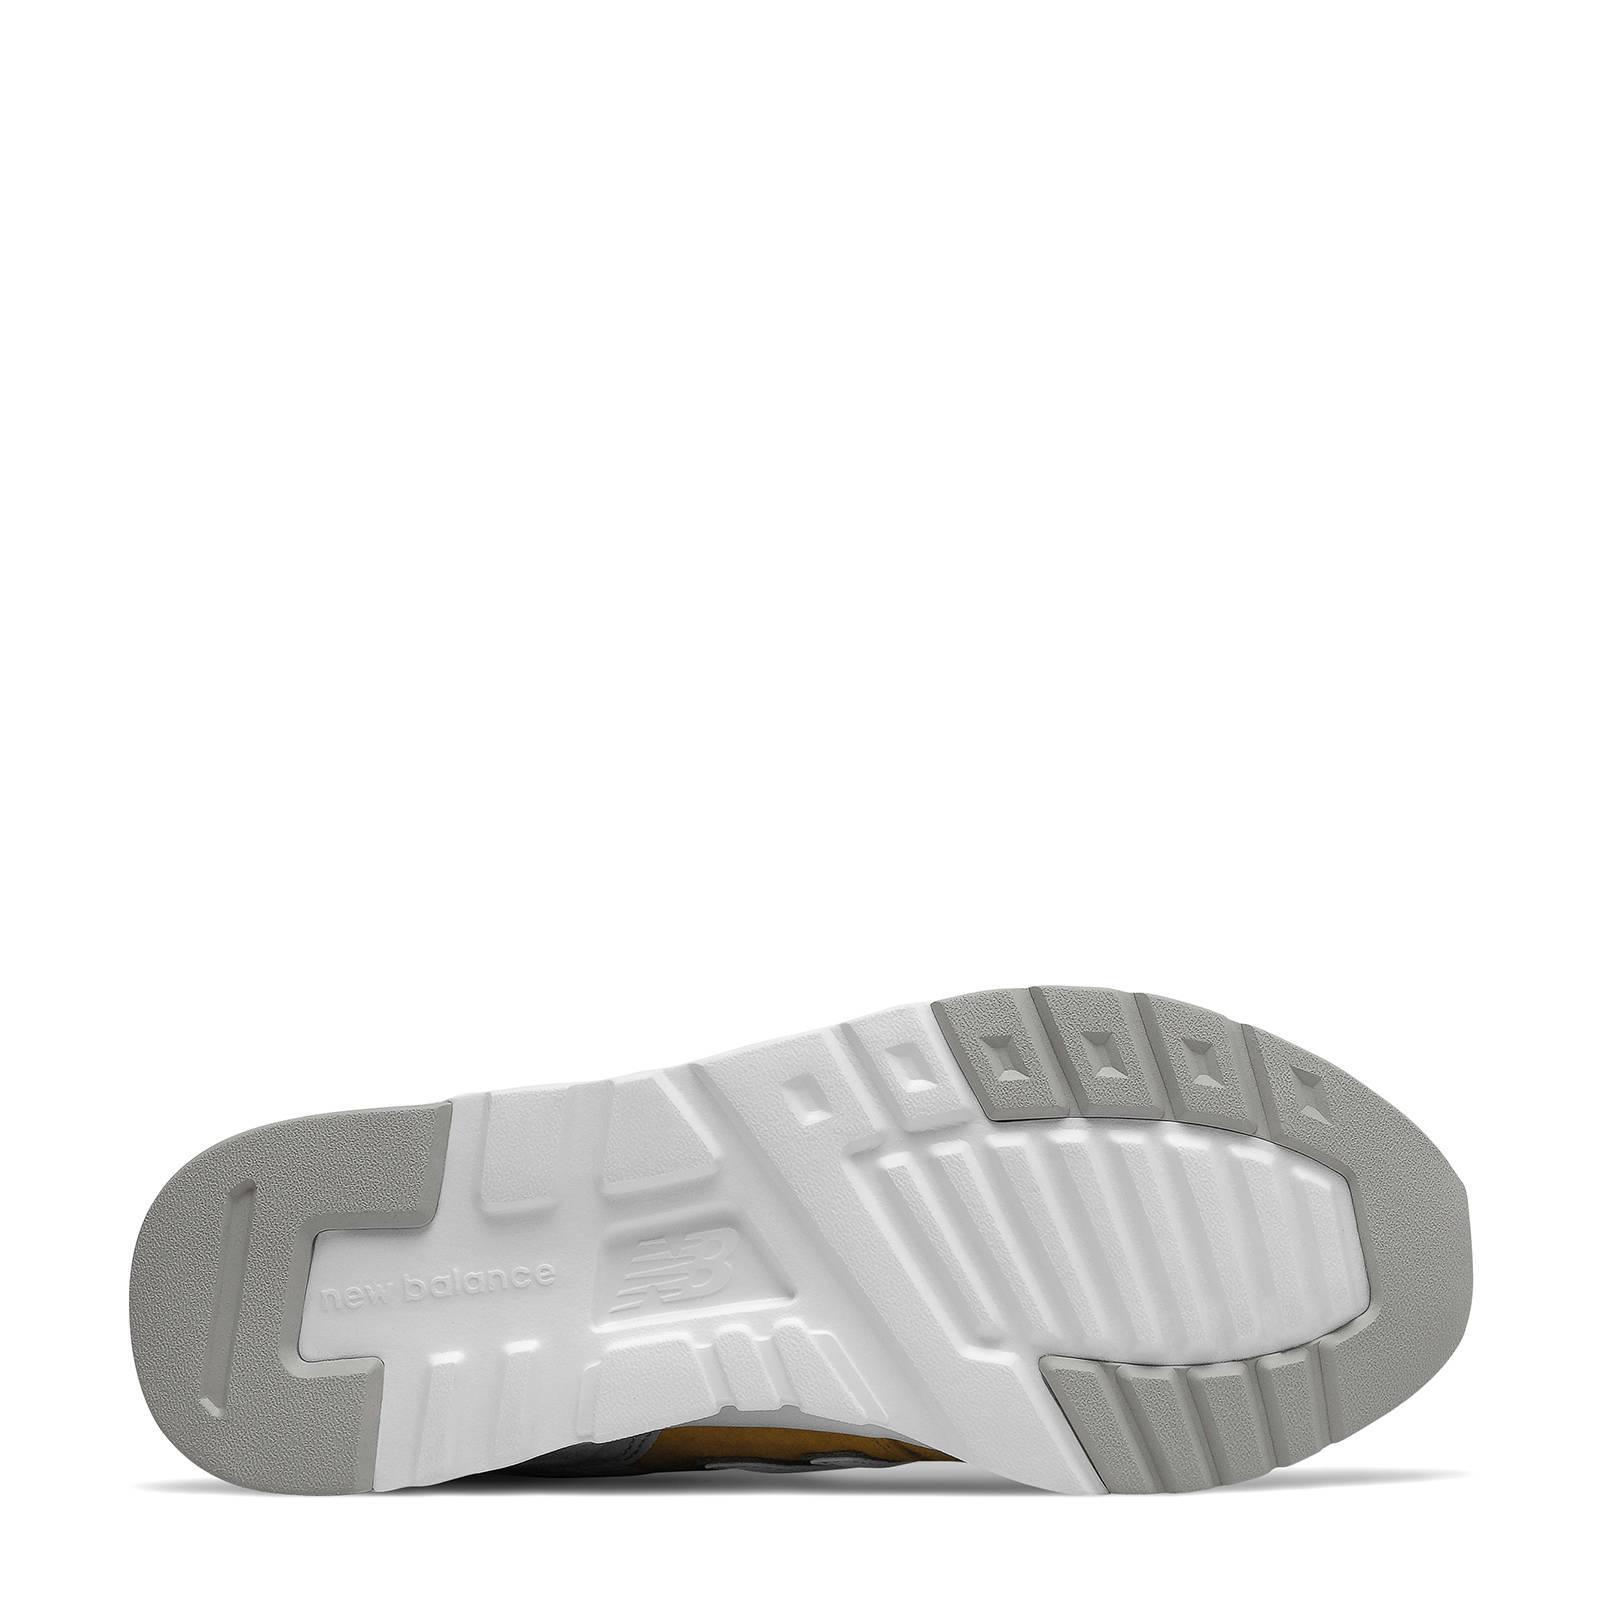 New Balance 997 sneakers geel/wit | wehkamp